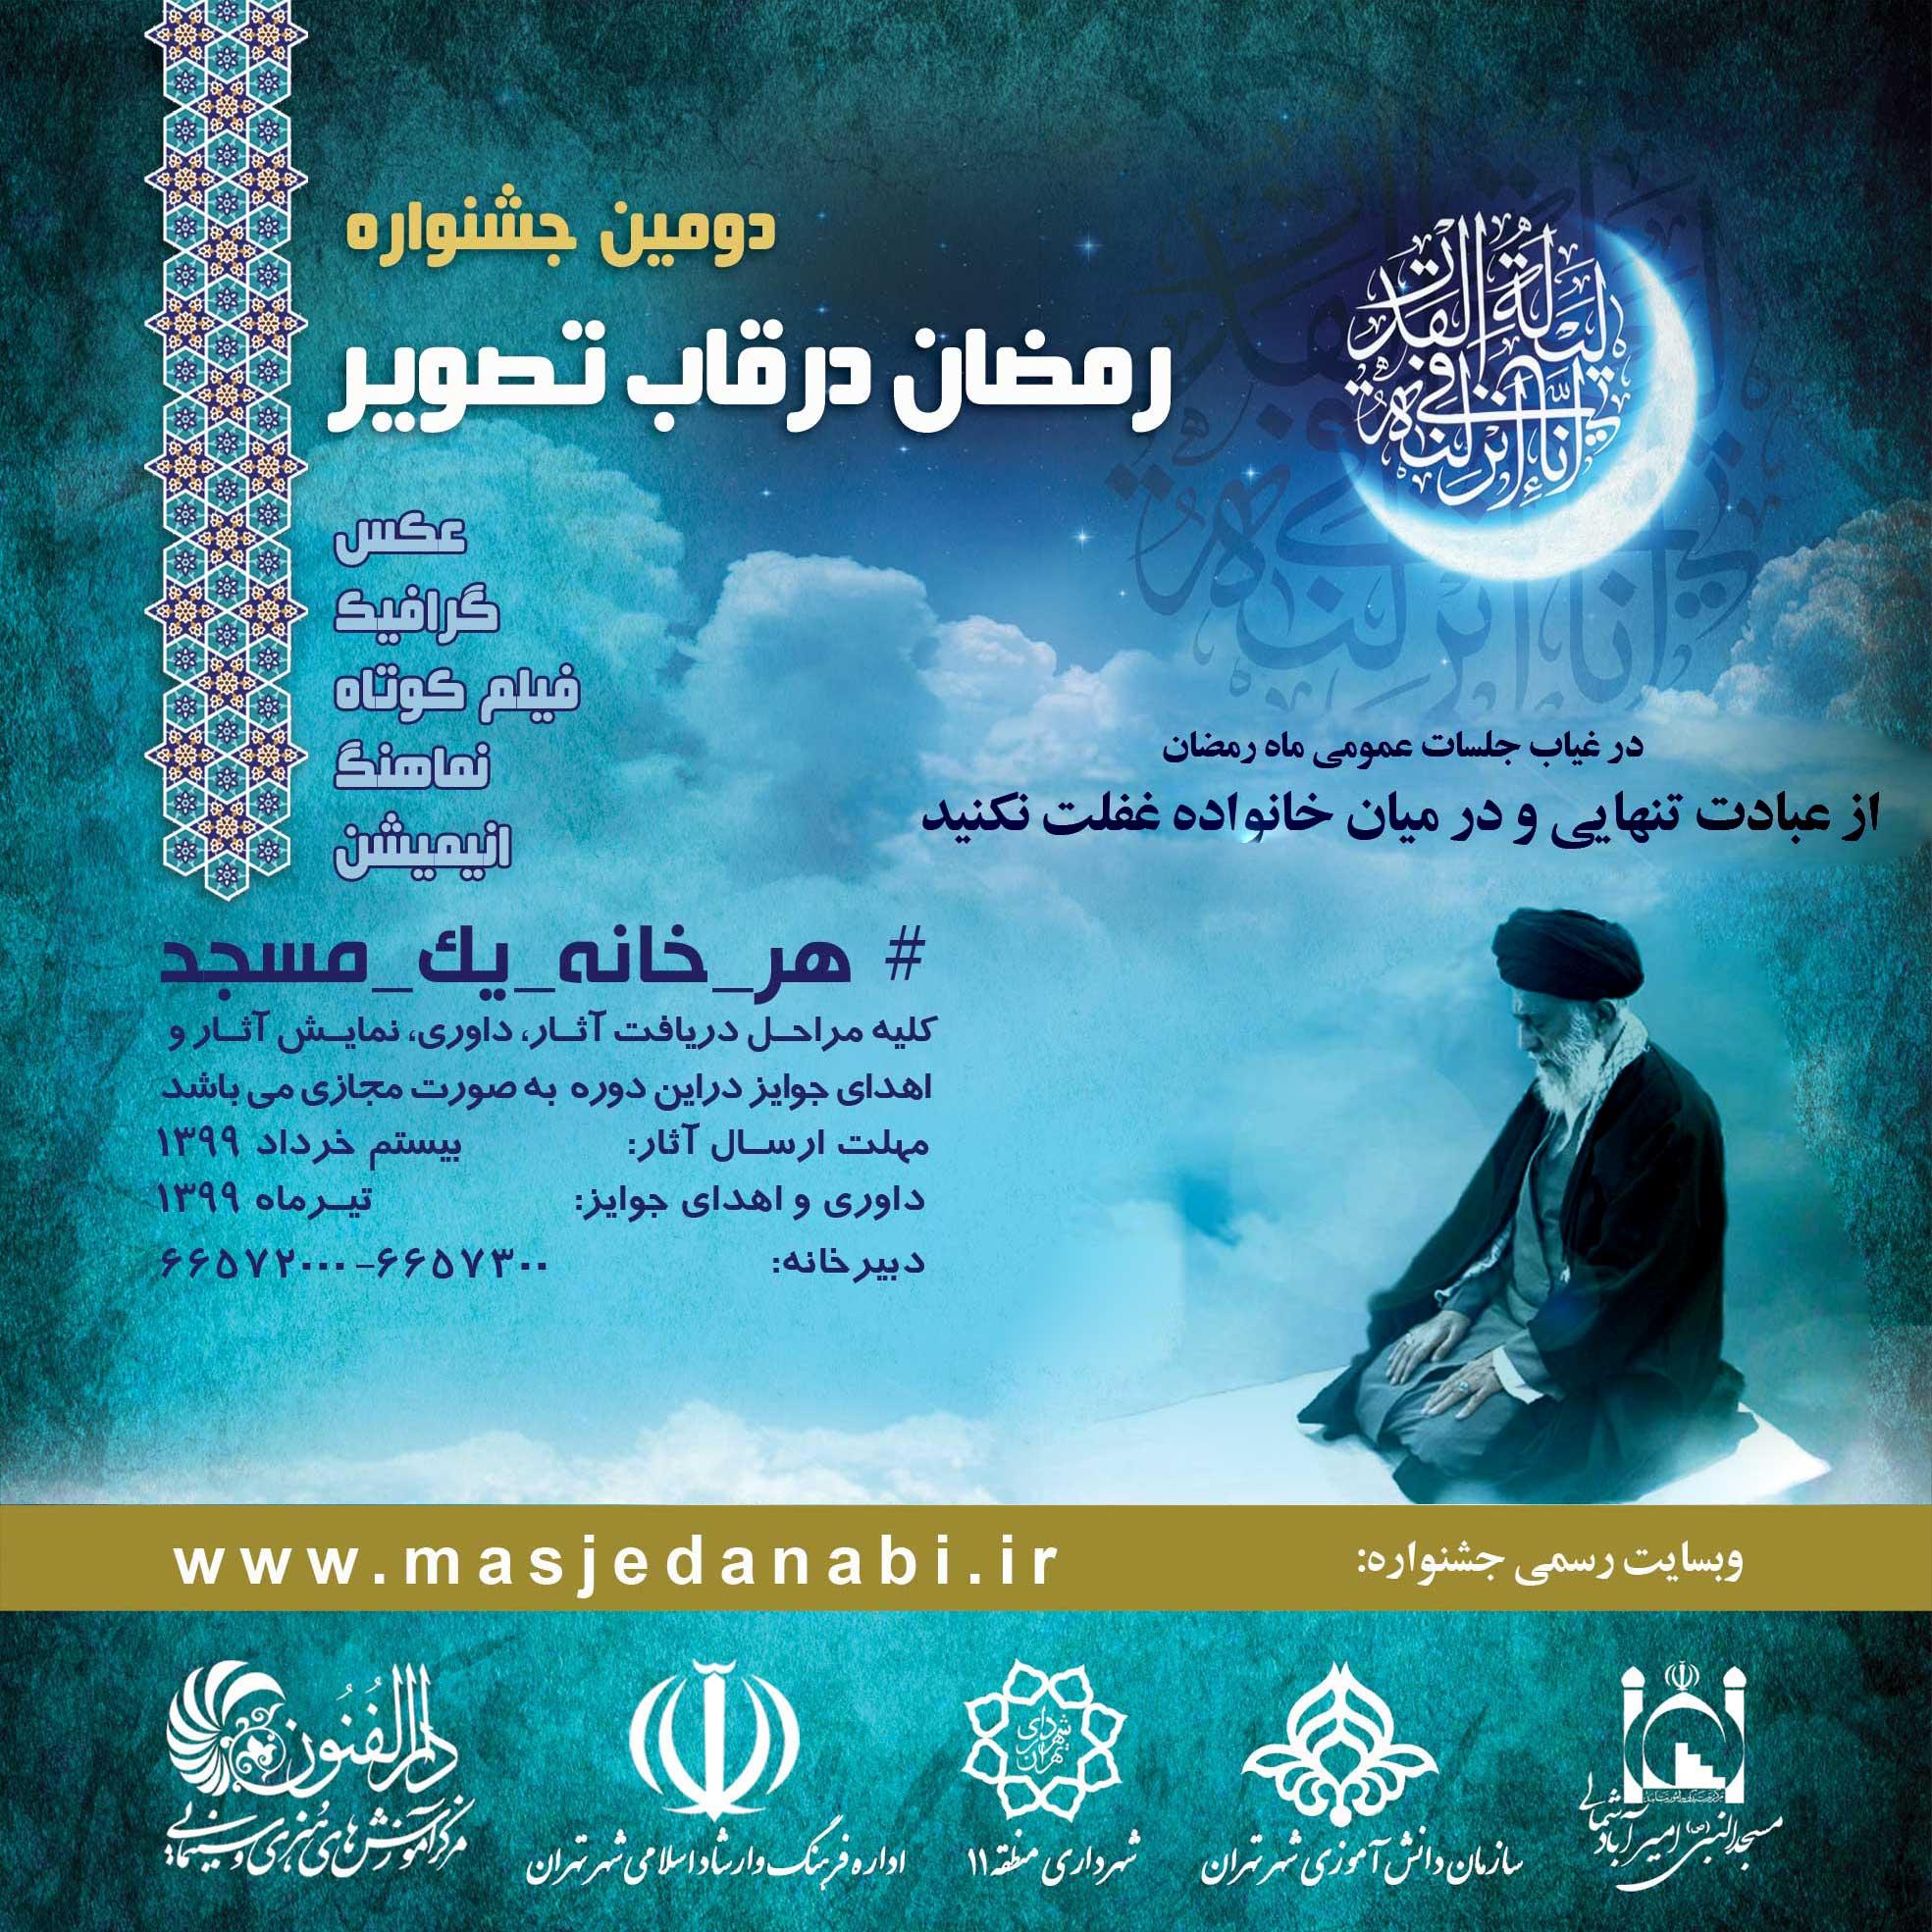 دومین جشنواره رمضان درقاب تصویر